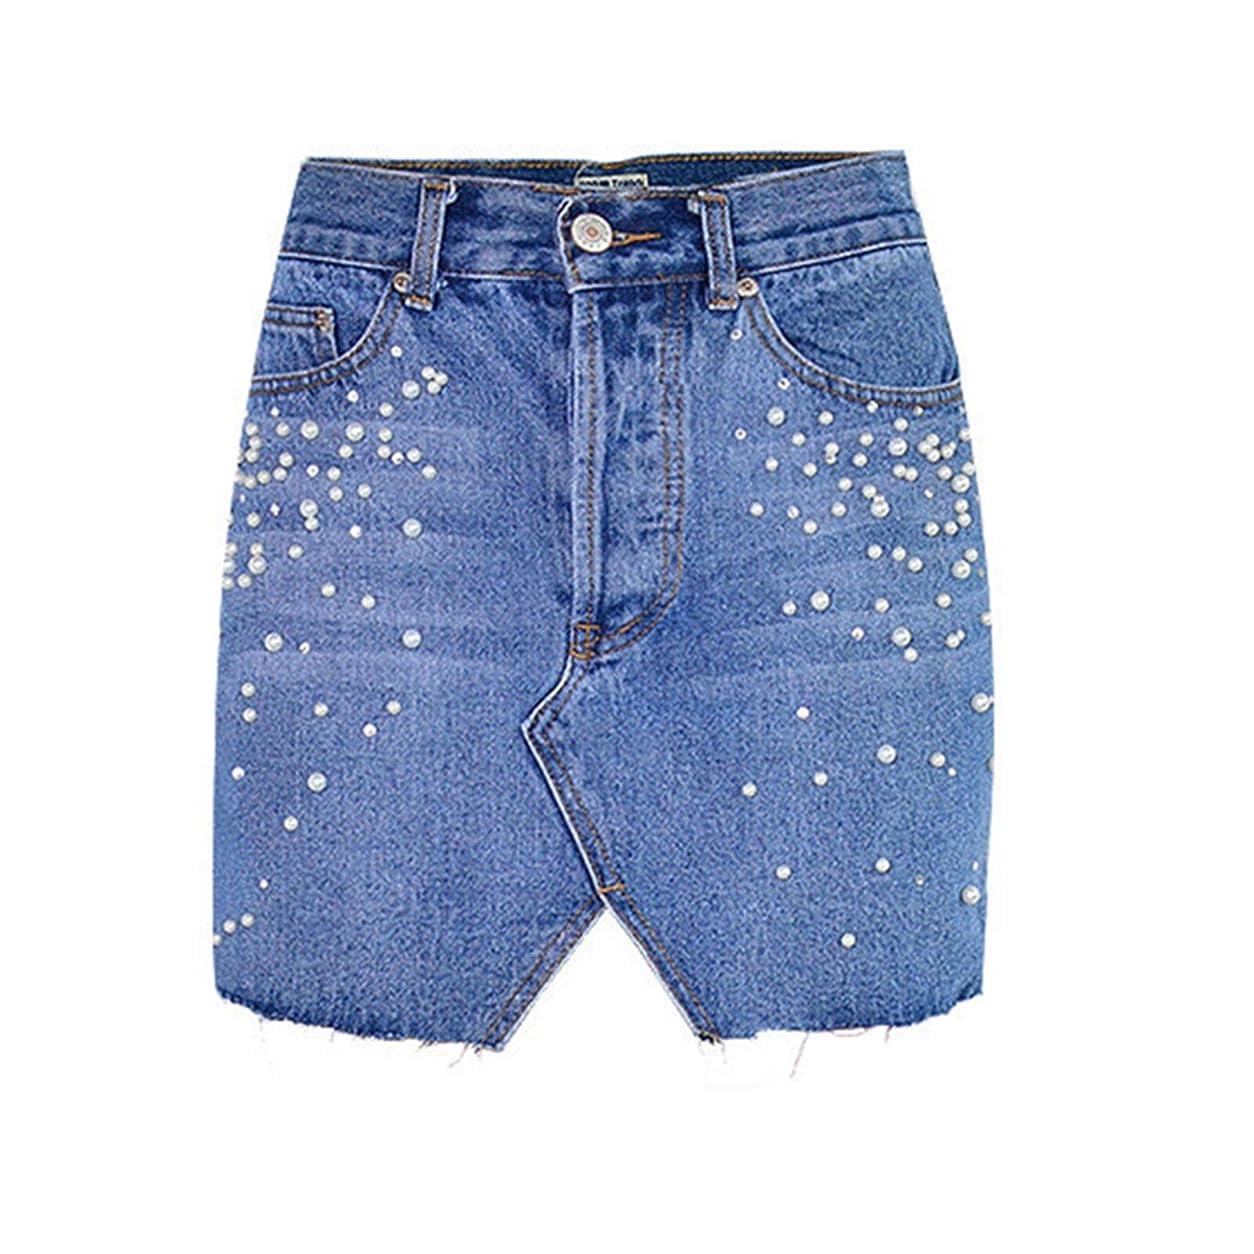 改修素敵な所属デニムスカート レディース春夏モデルA Wordのハイウエストのブレストトライアングルカットパールダイヤモンドスタッズデニムバッグヒップスカート 美脚効果 使い回し 抜群 (Color : Blue, Size : XX-Large)